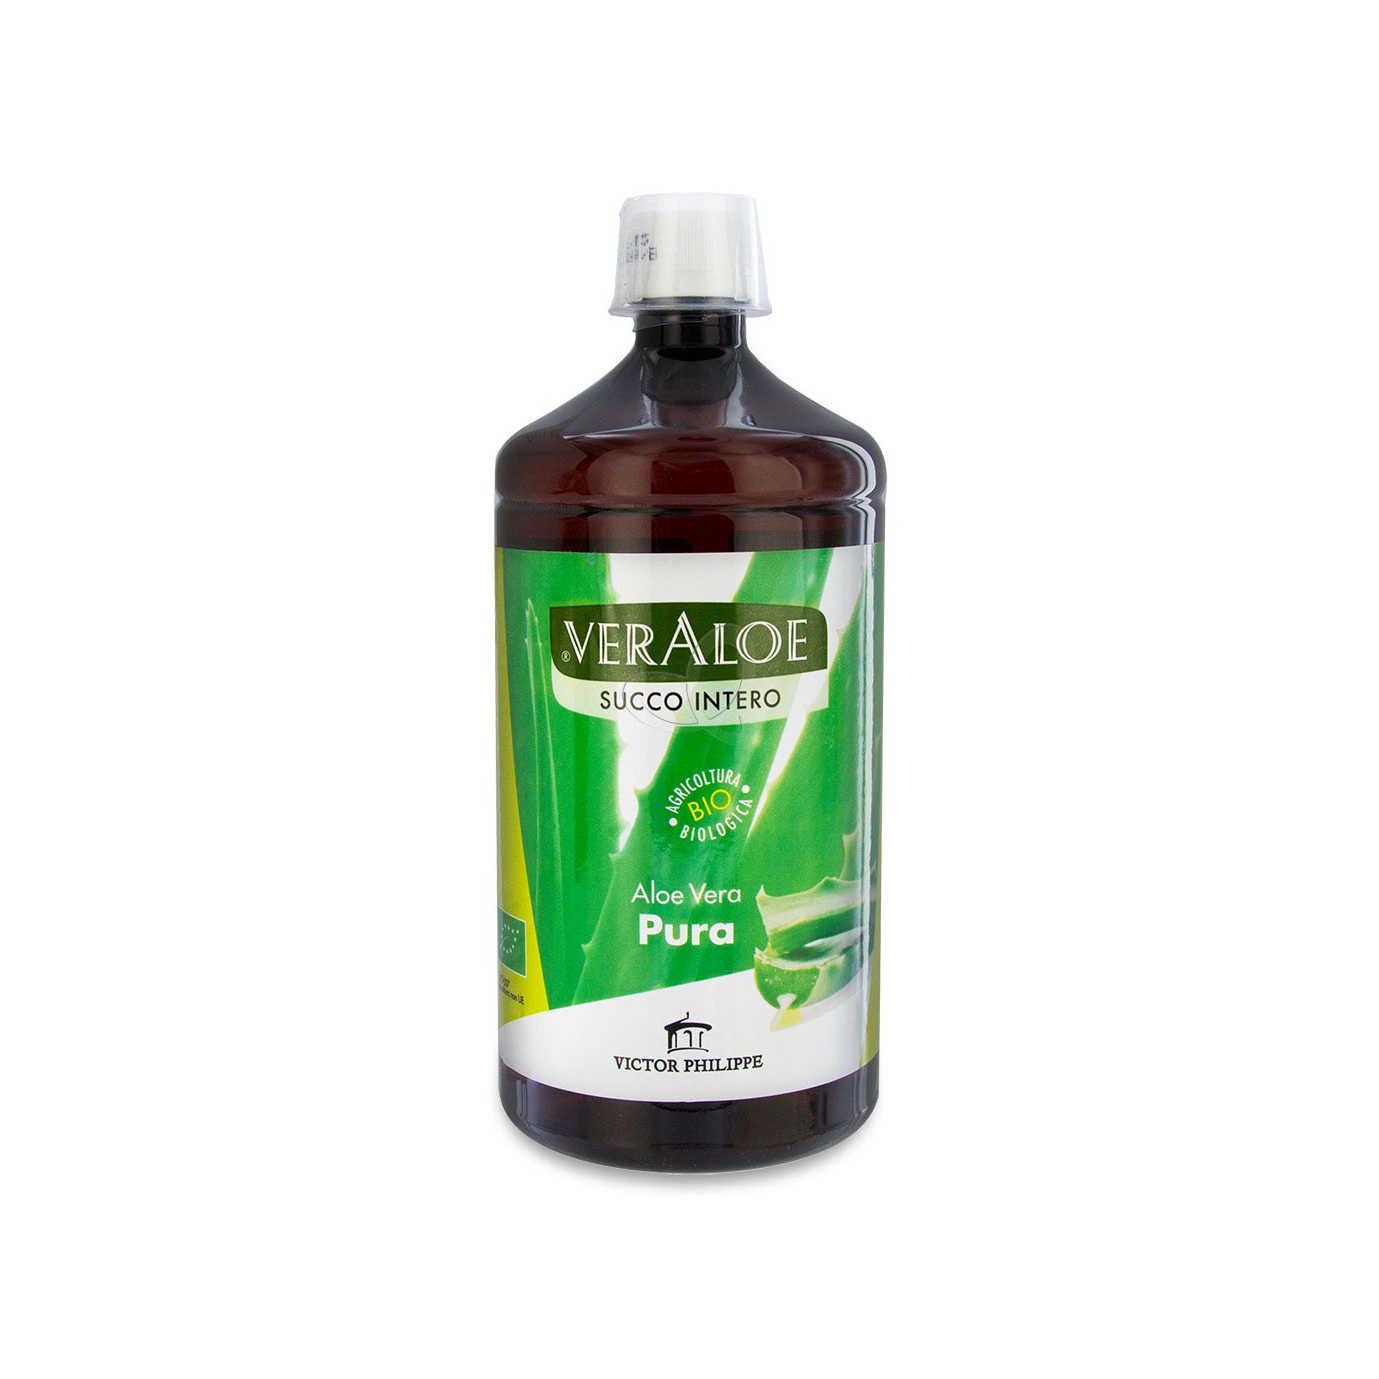 Veraloe - Succo Intero 500ml - Antiossidante